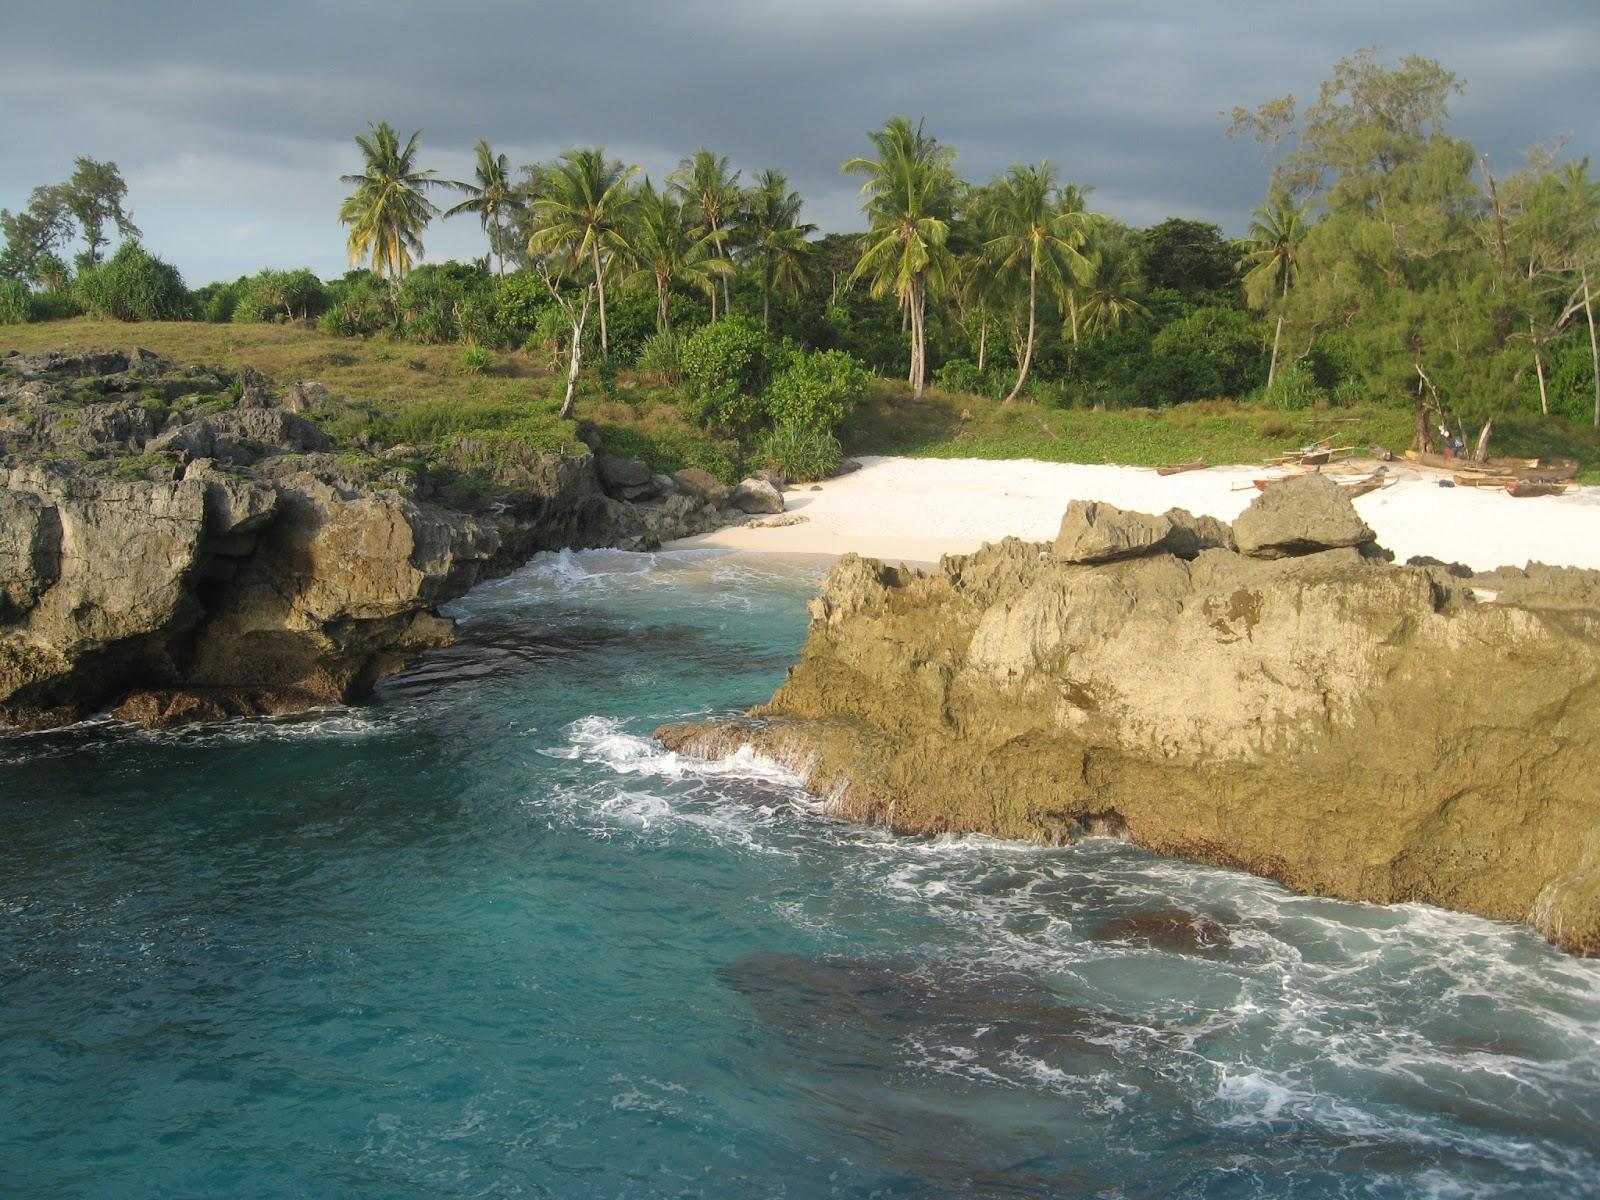 Perjalanan Sederhana: Pulau Sumba, Surga Yang Mulai Tersibak 4 ... Perjalanan Sederhana - blogger1600 × 1200Search by image Pulau Sumba, Surga Yang Mulai Tersibak 4 : Pantai Mandorak